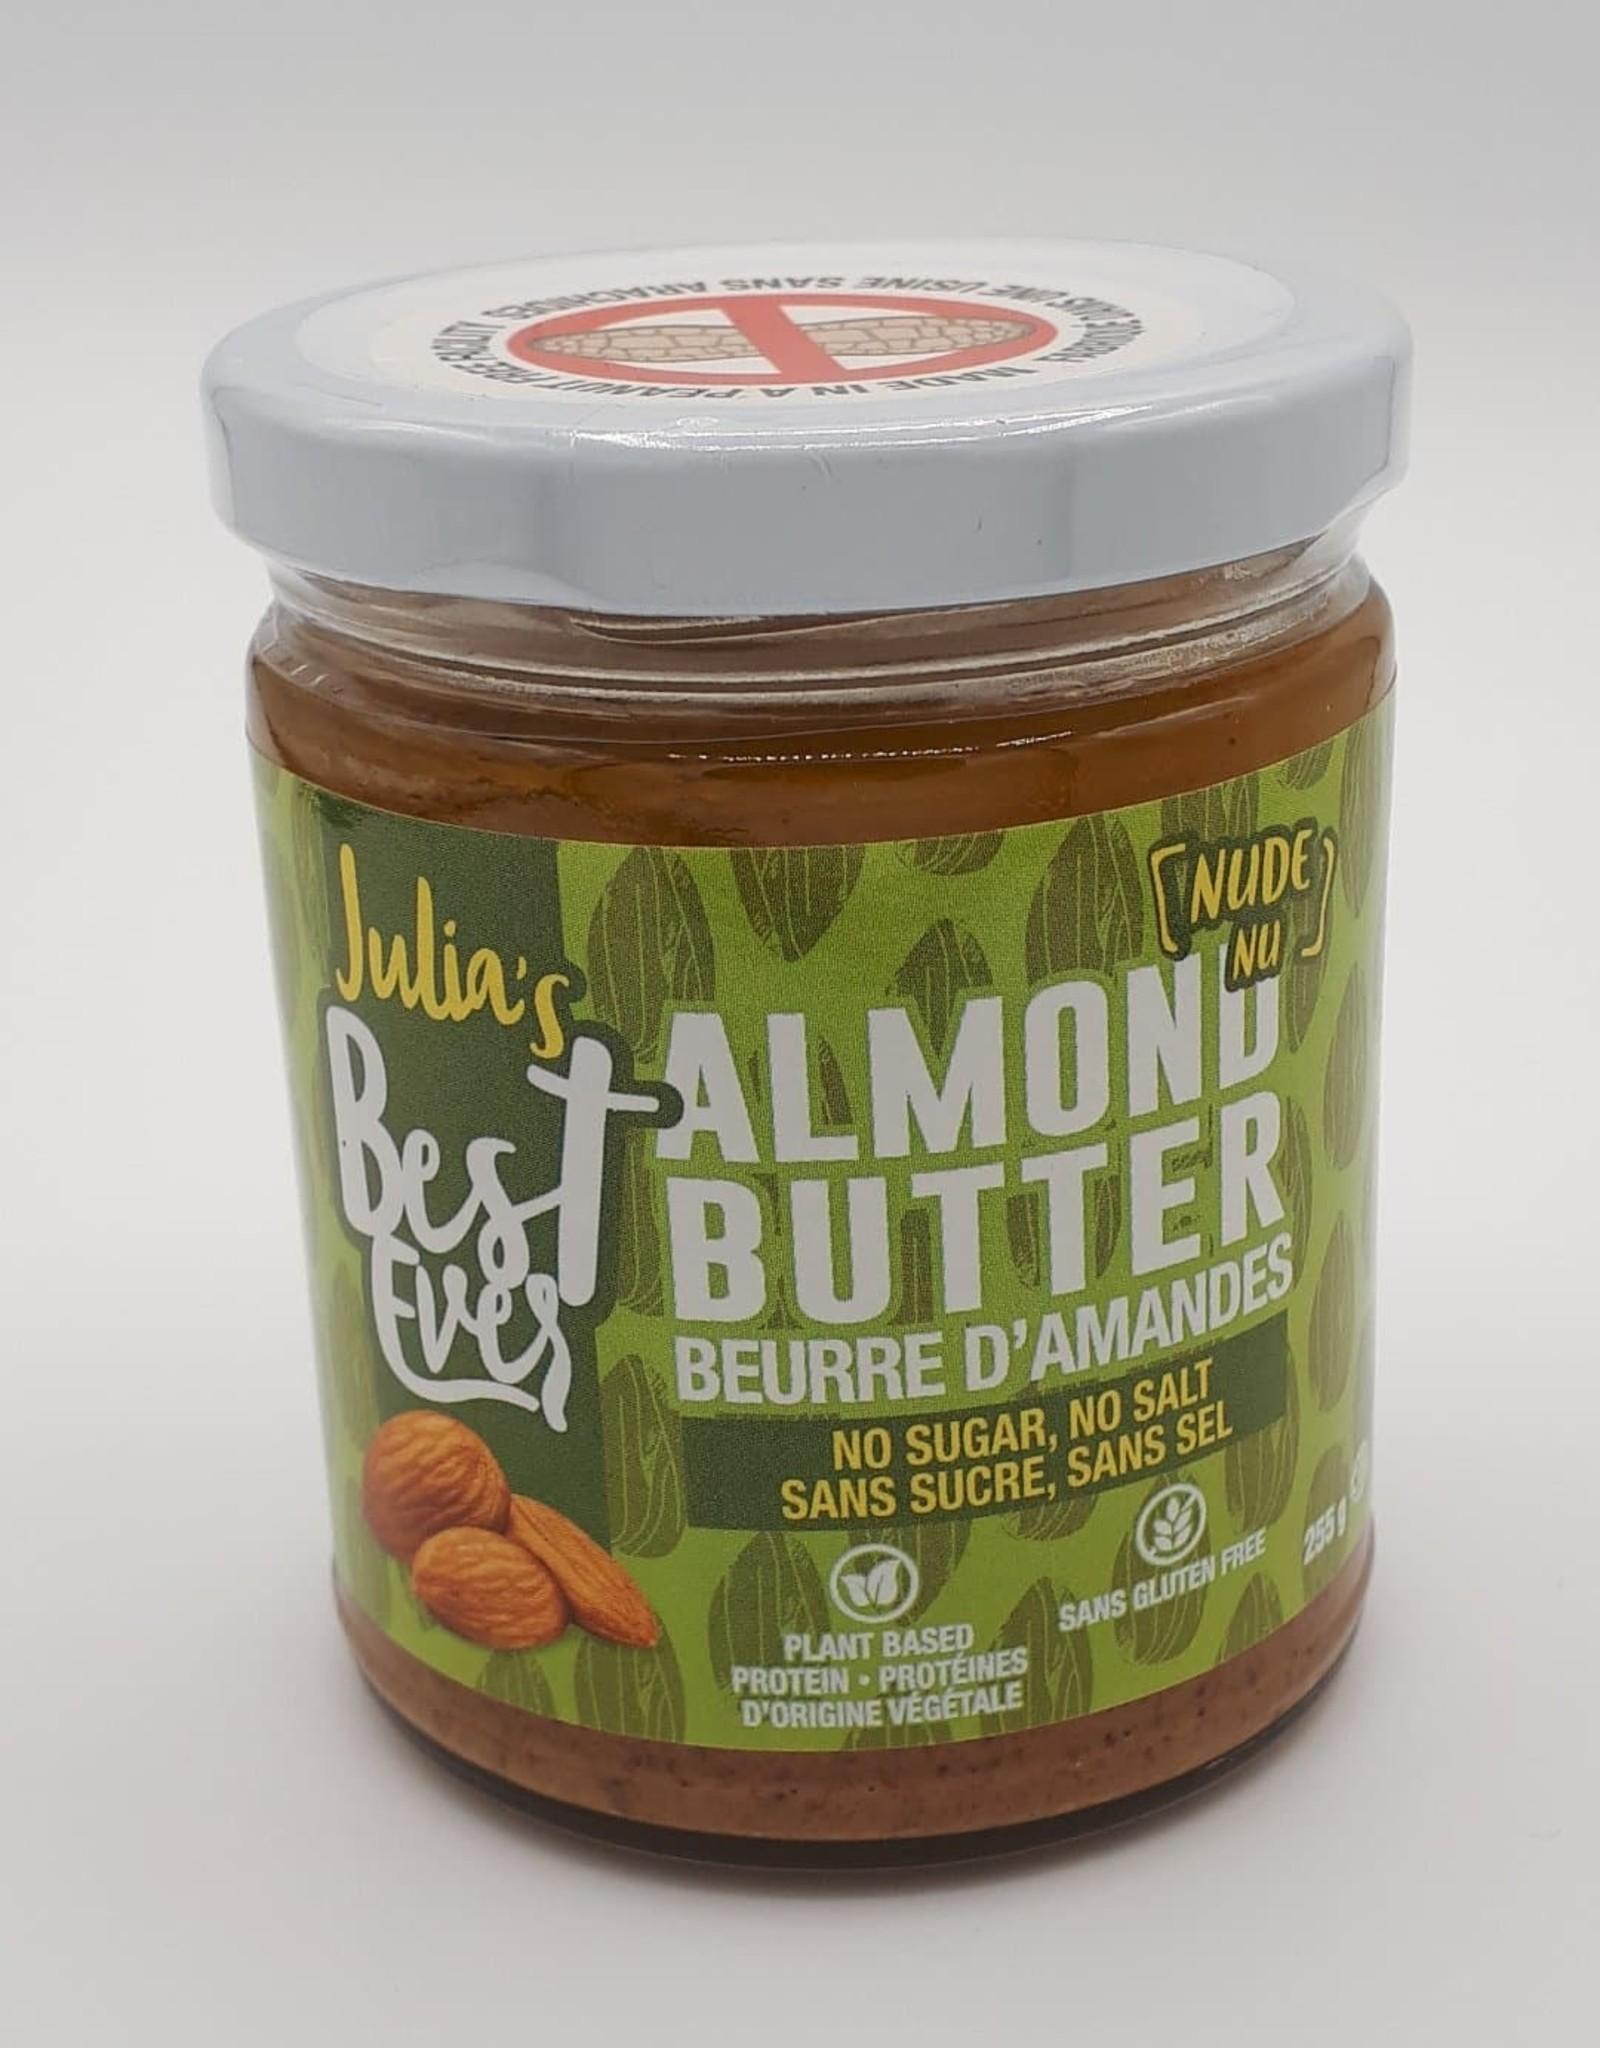 Julia's Best Ever Julia'S Best Ever - Beurre d'Amandes, Naturel (255g)